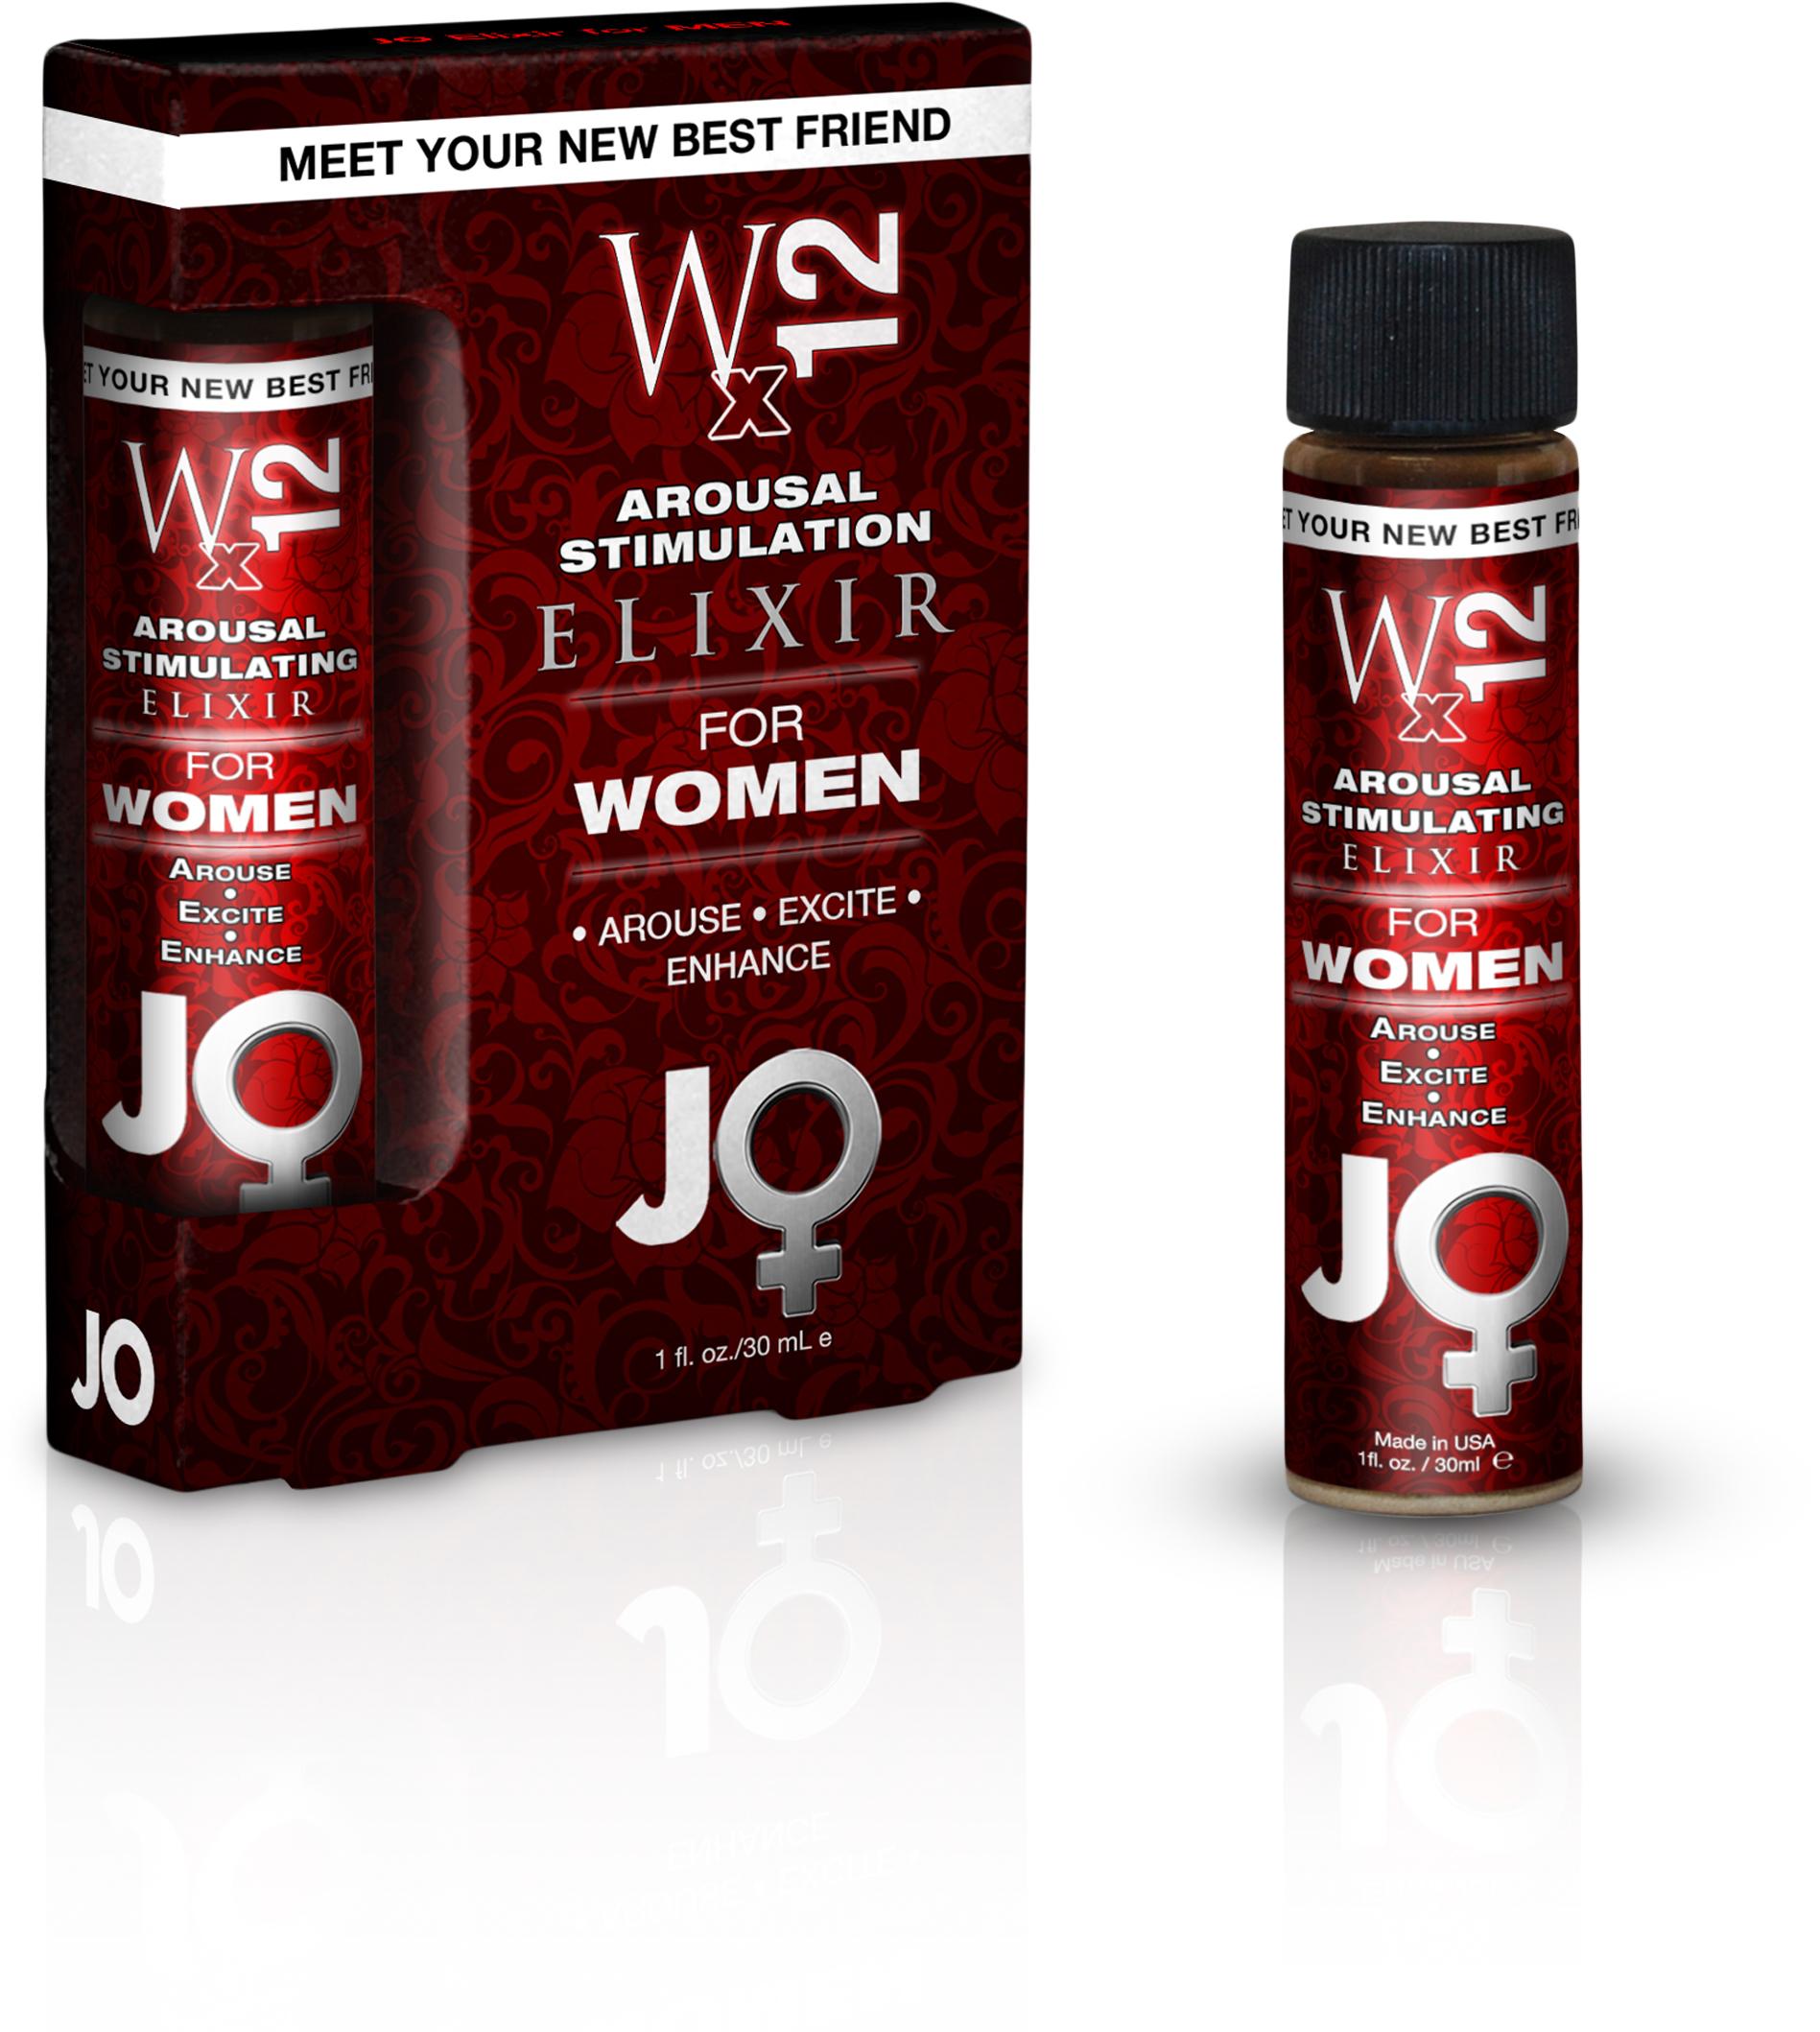 40387_elixir_for_women_all.jpg